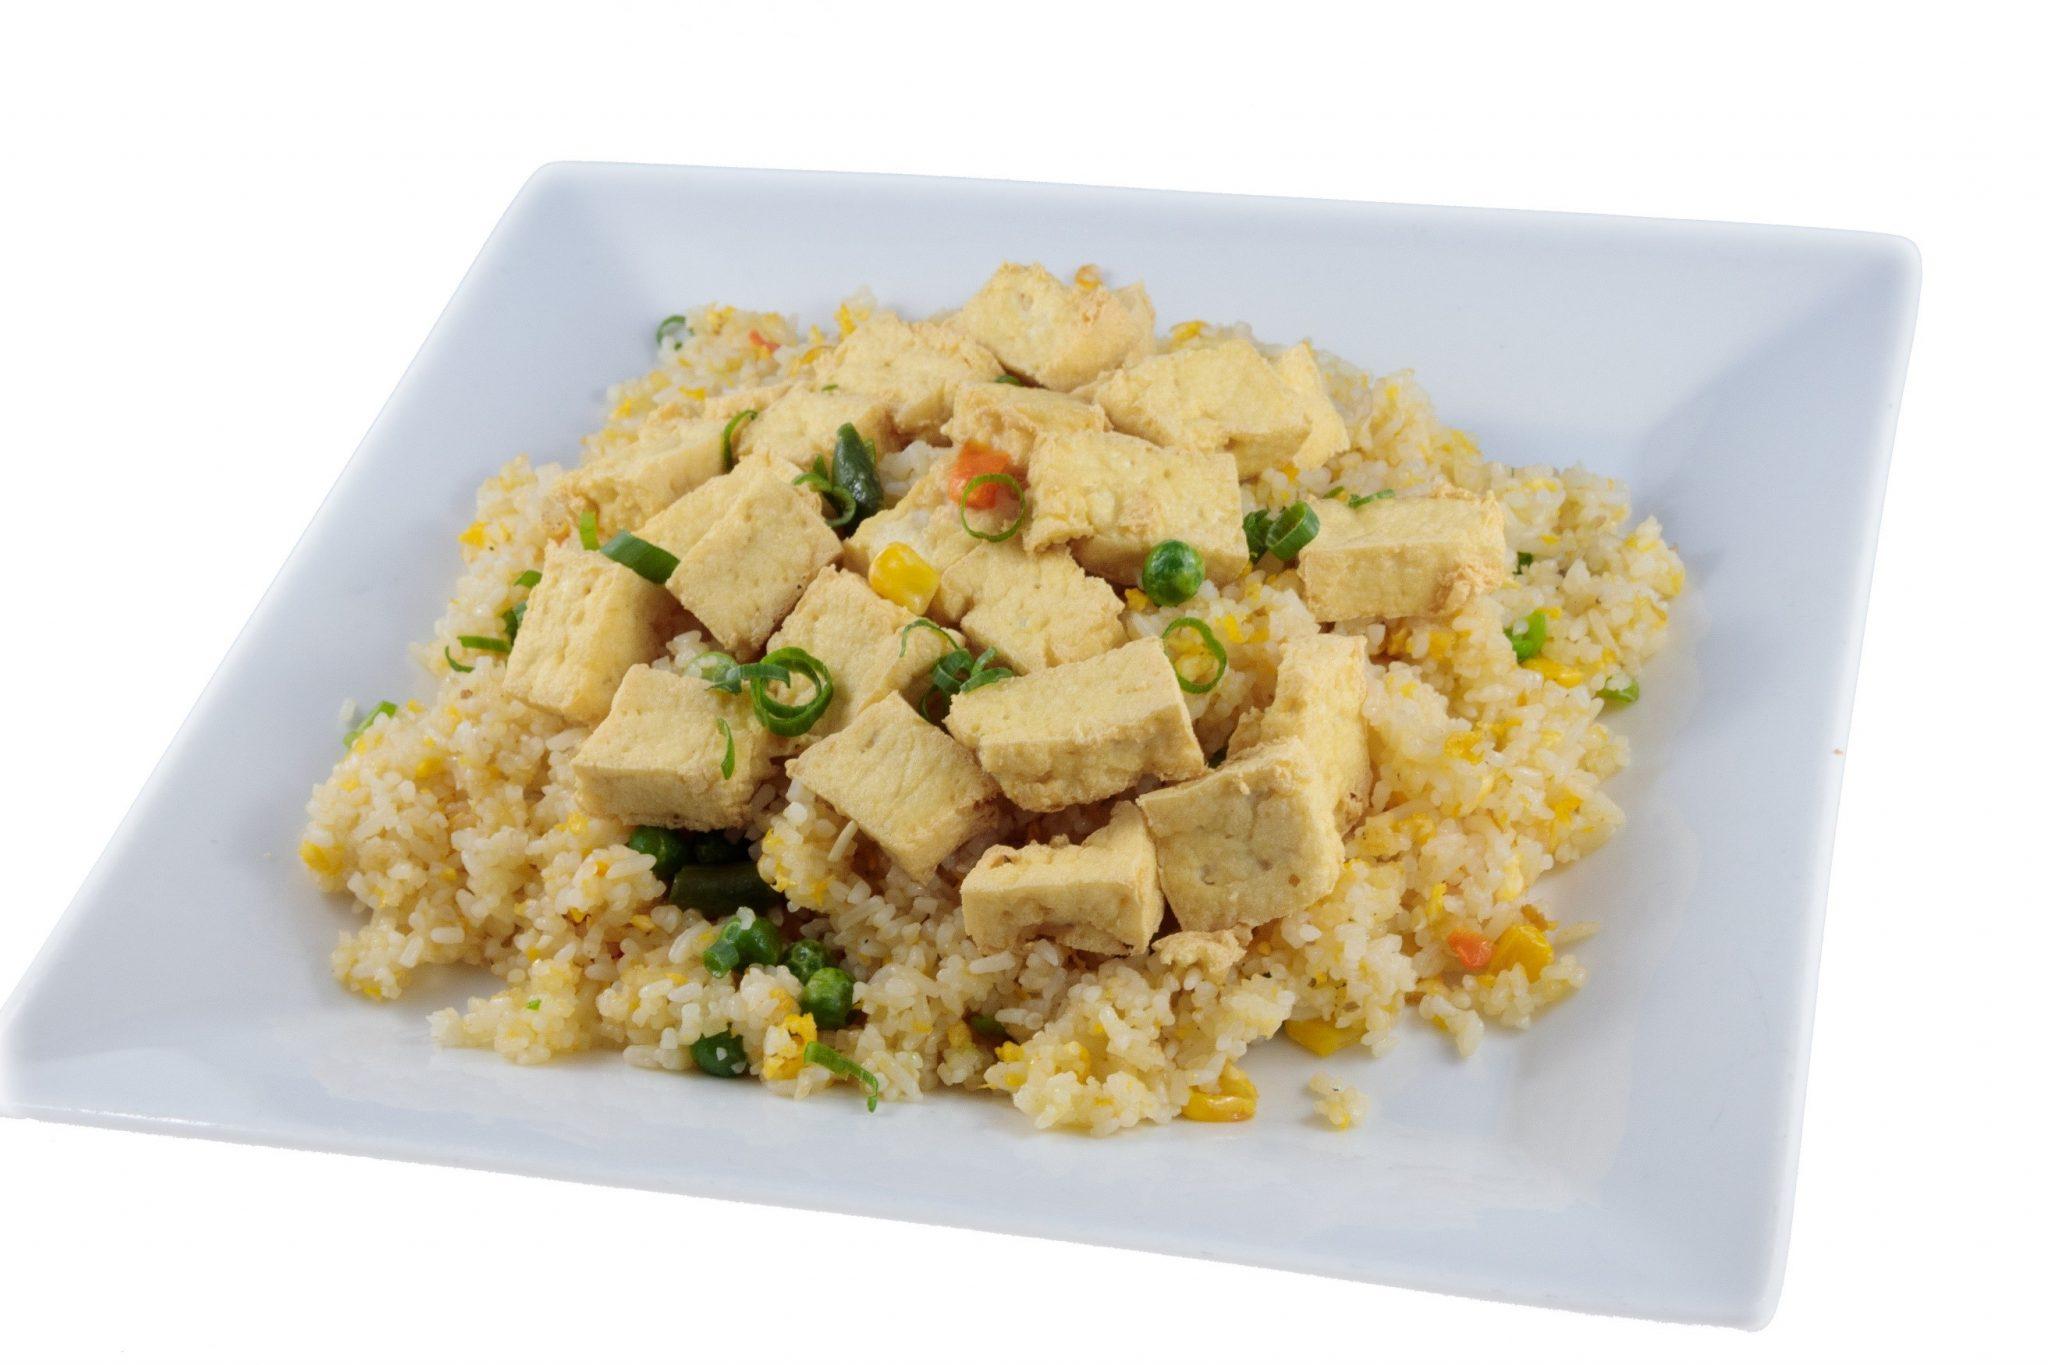 Cơm chiên đậu hủ – Vegetarian fried rice with crispy tofu & vegetables